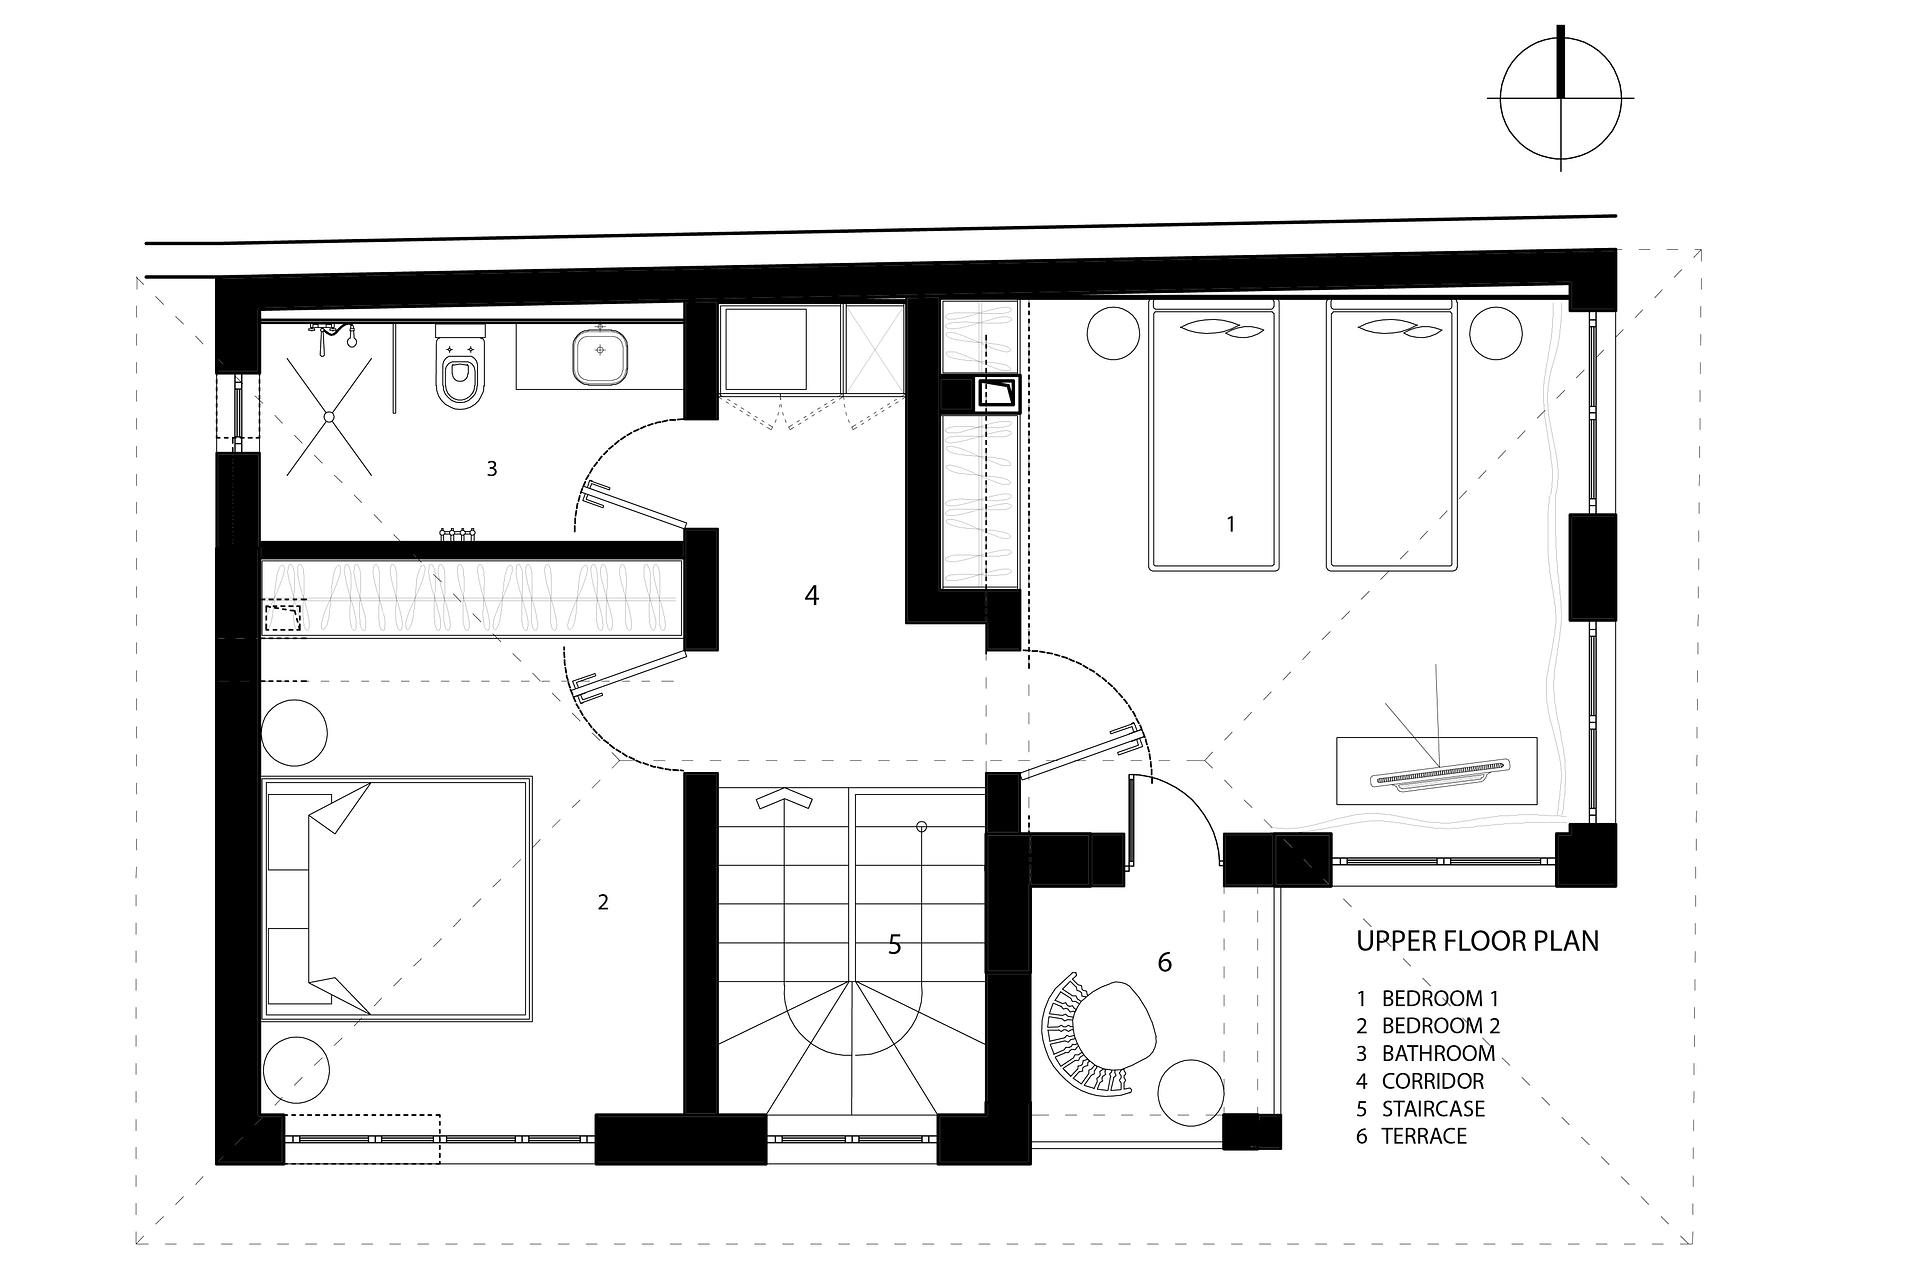 12_upper floor